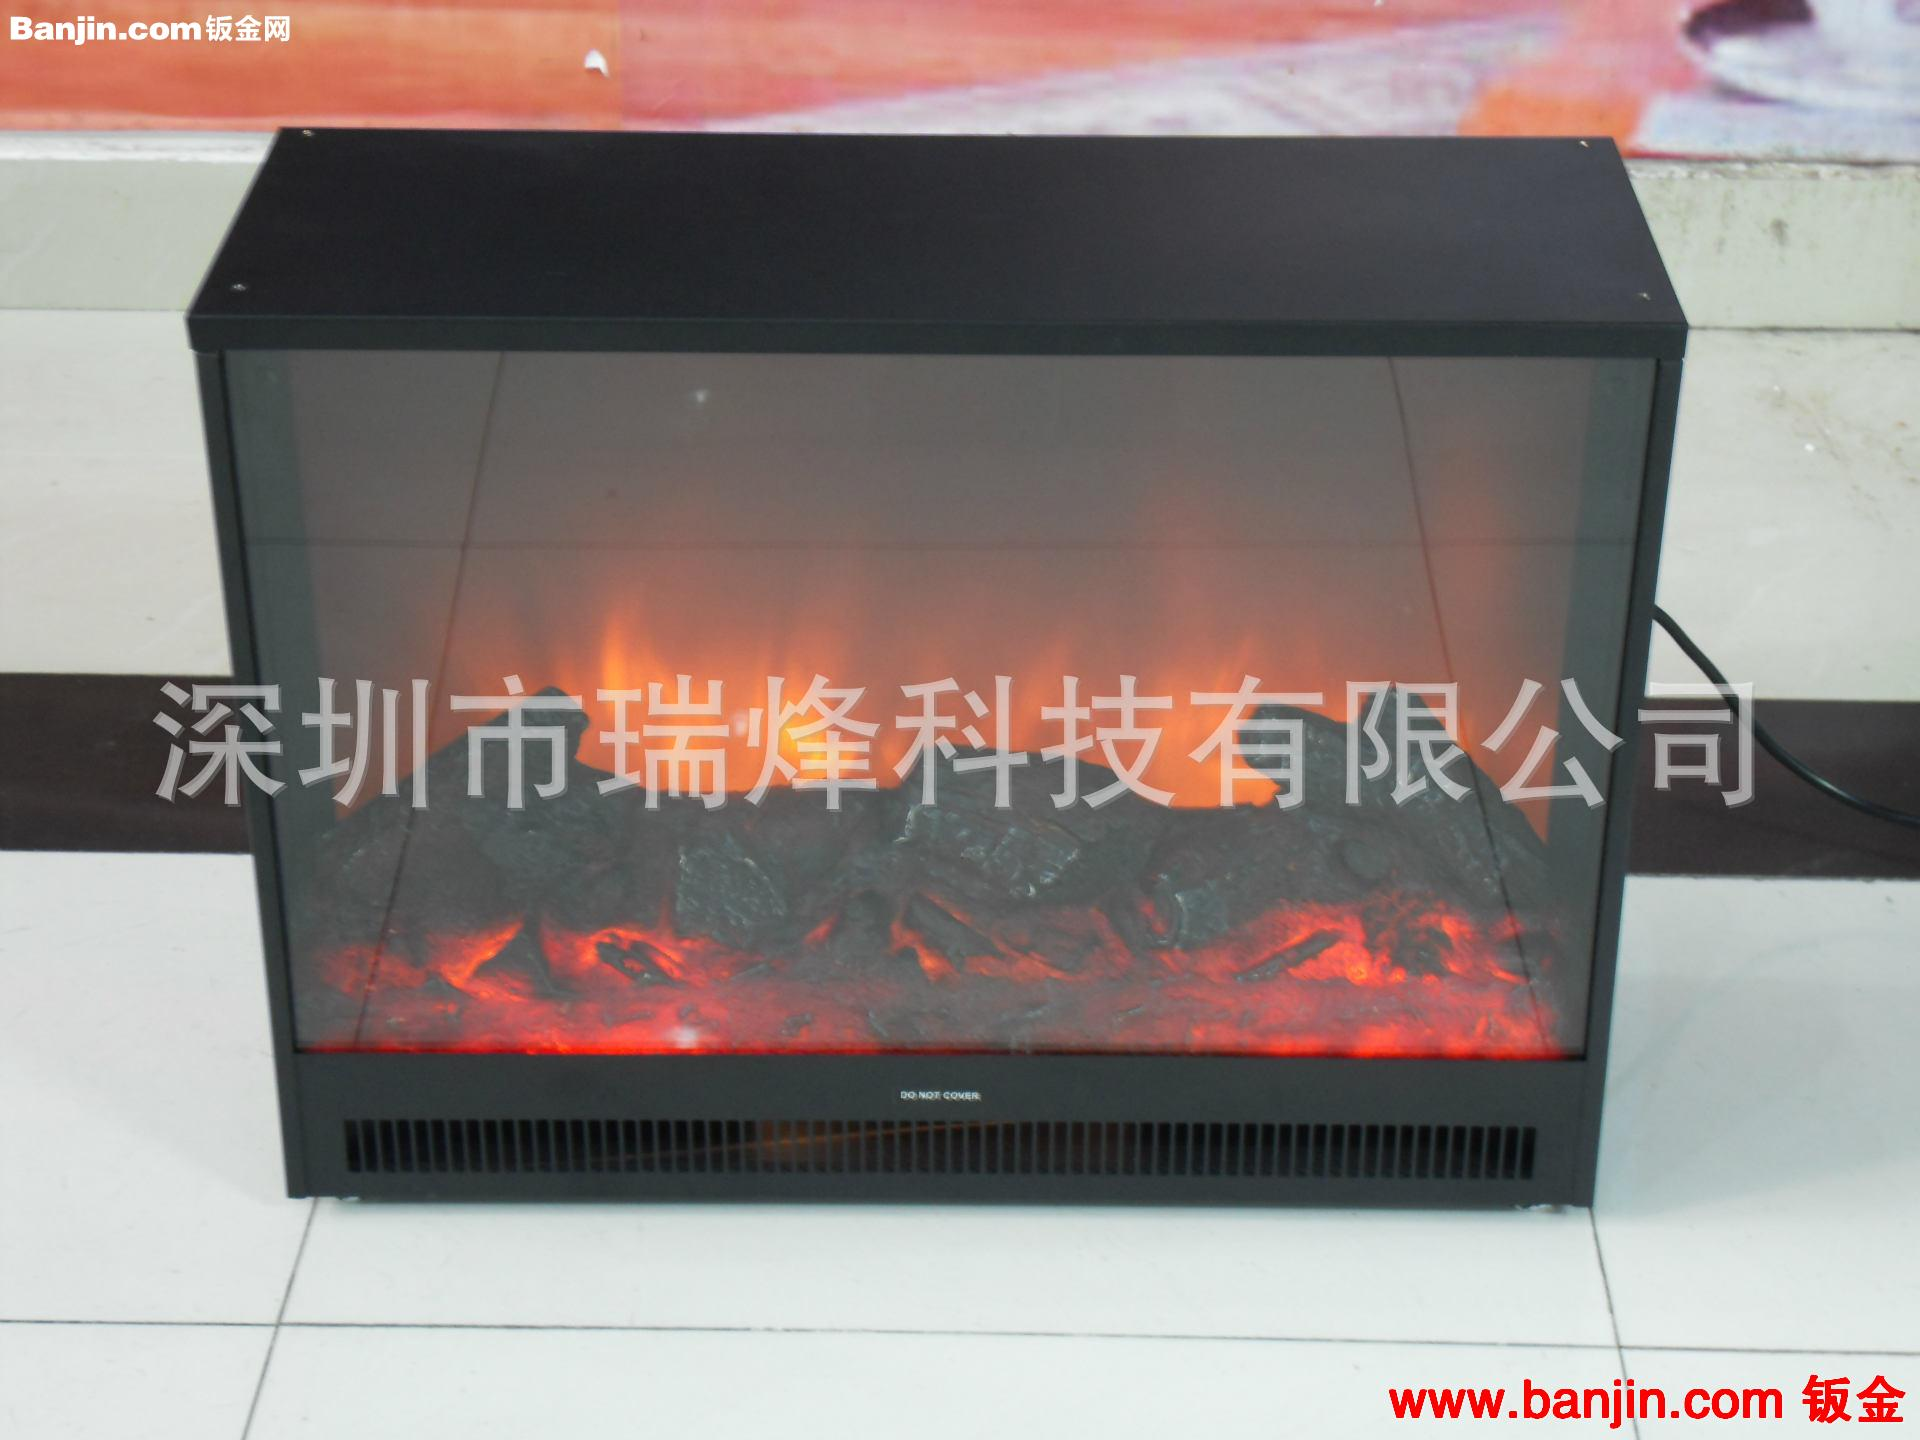 深圳哪里有欧式壁炉卖?取暖壁炉,壁炉装修图片 壁炉式